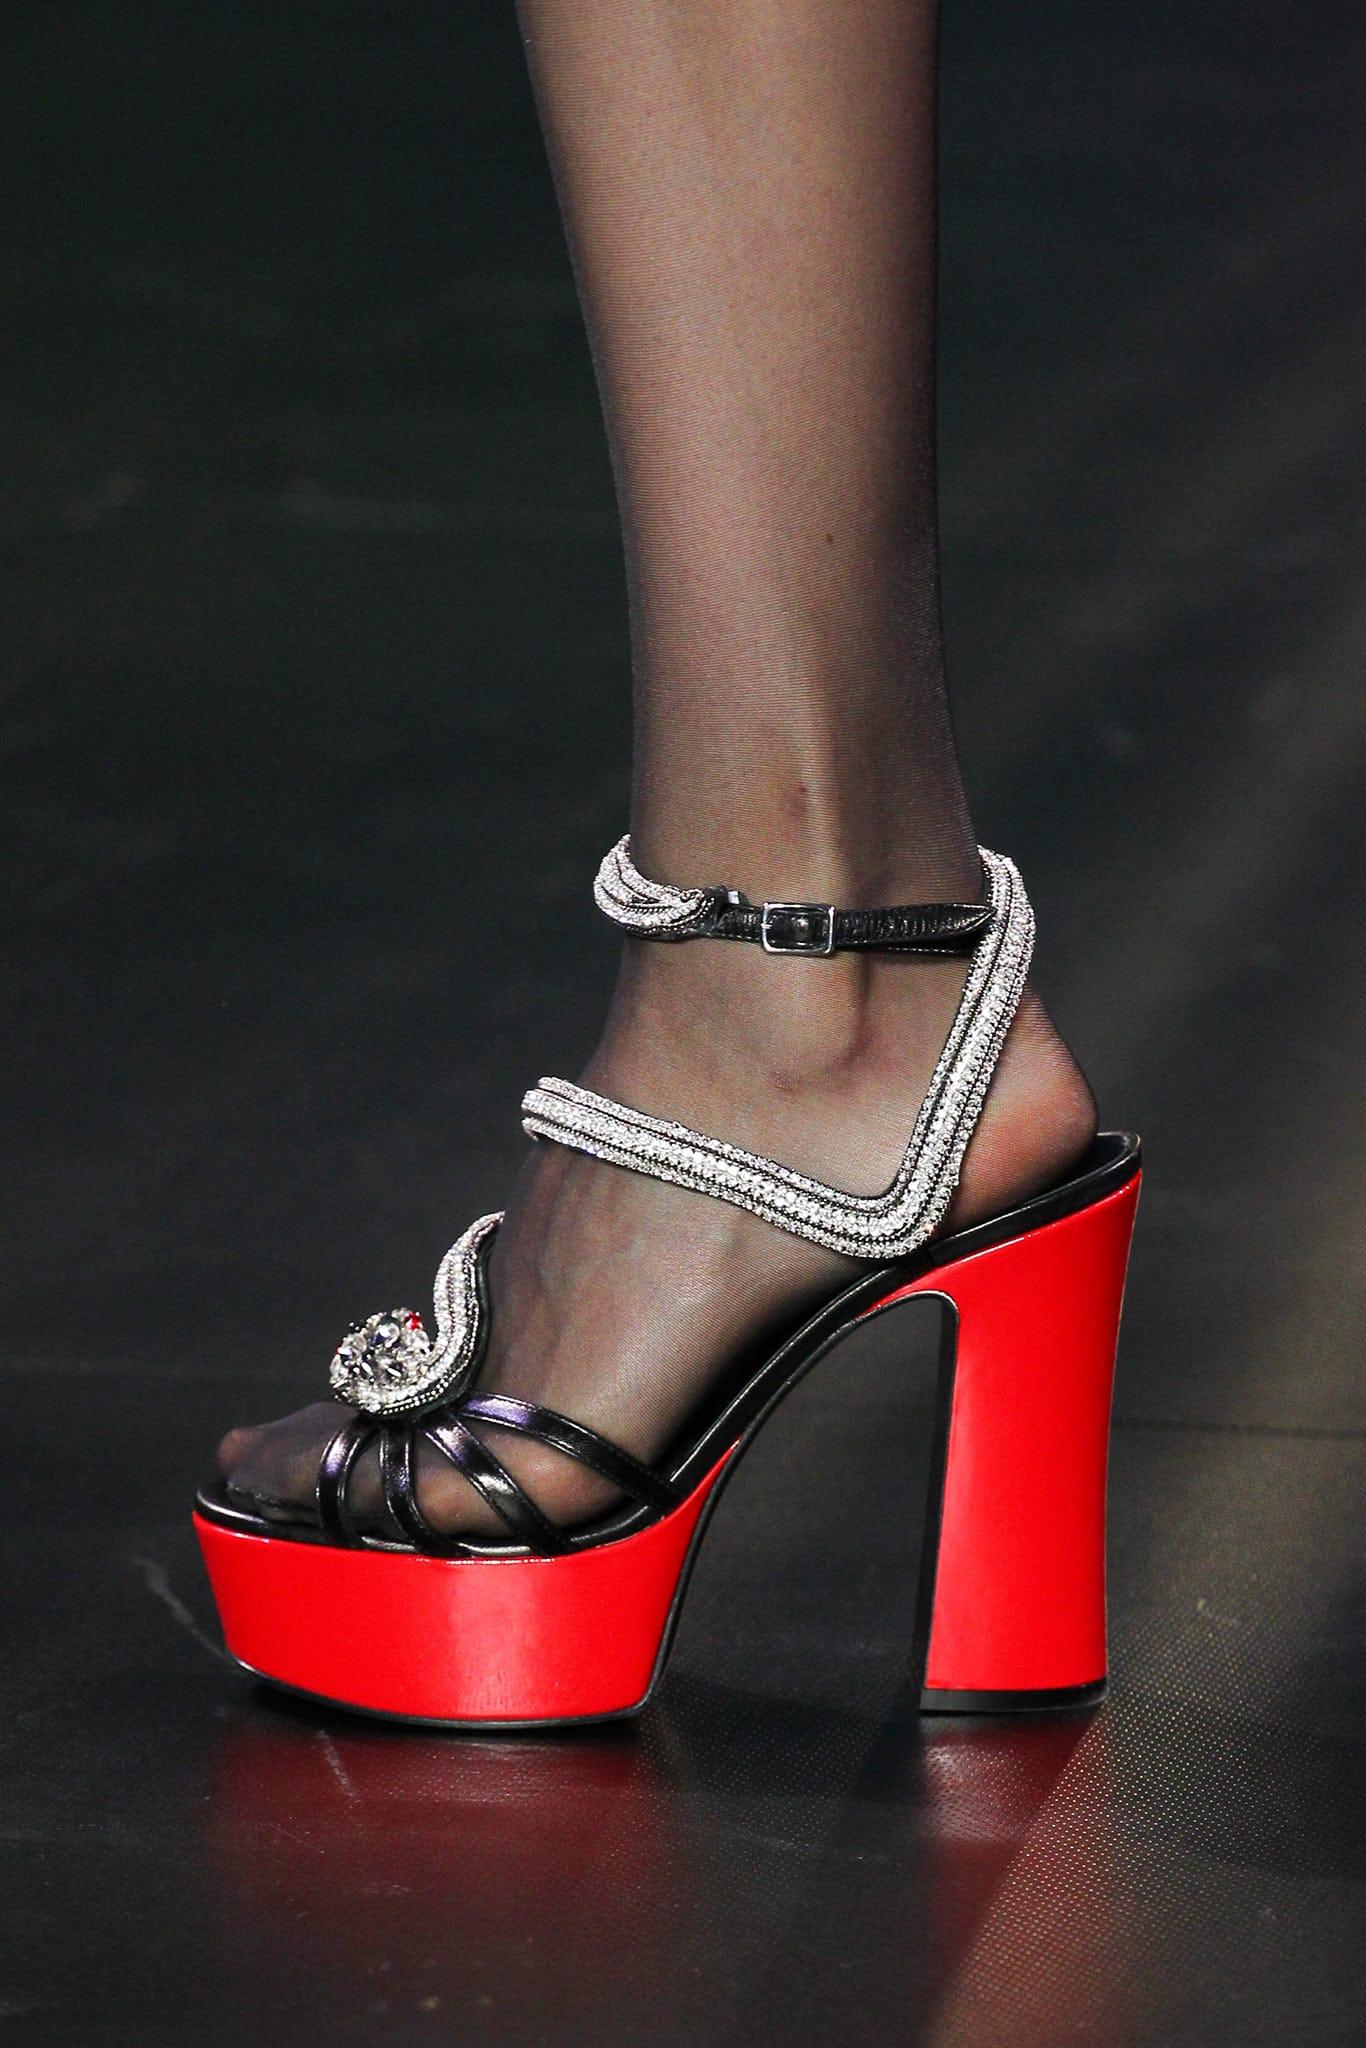 6b706a45b07 Saint Laurent Black Red Embellished Platform Sandals - Spring 2015